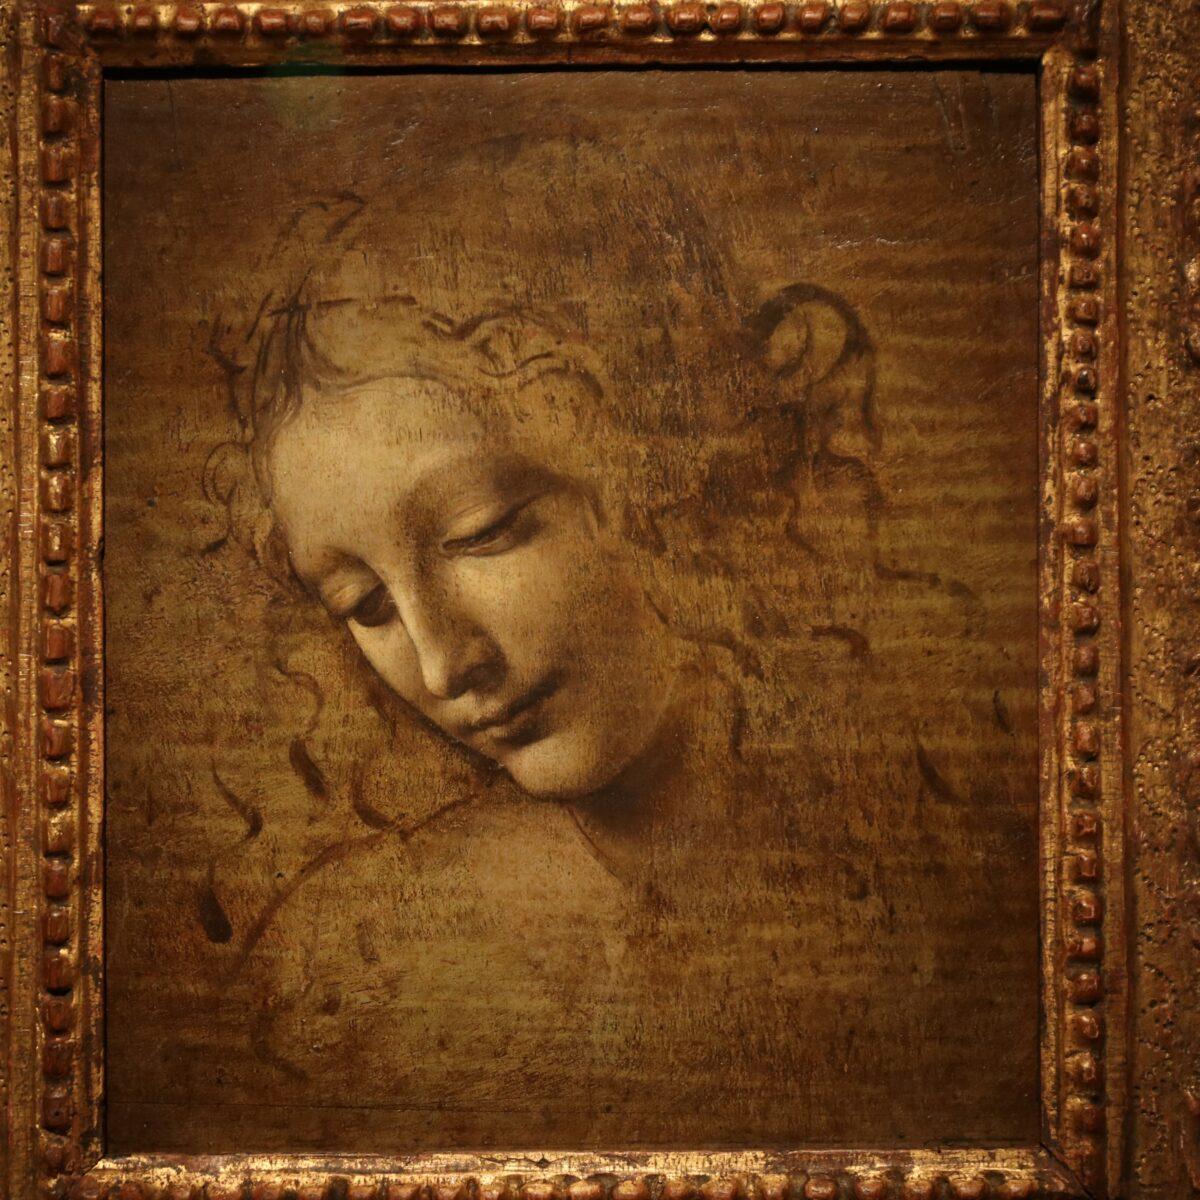 La Scapiliata by da Vinci